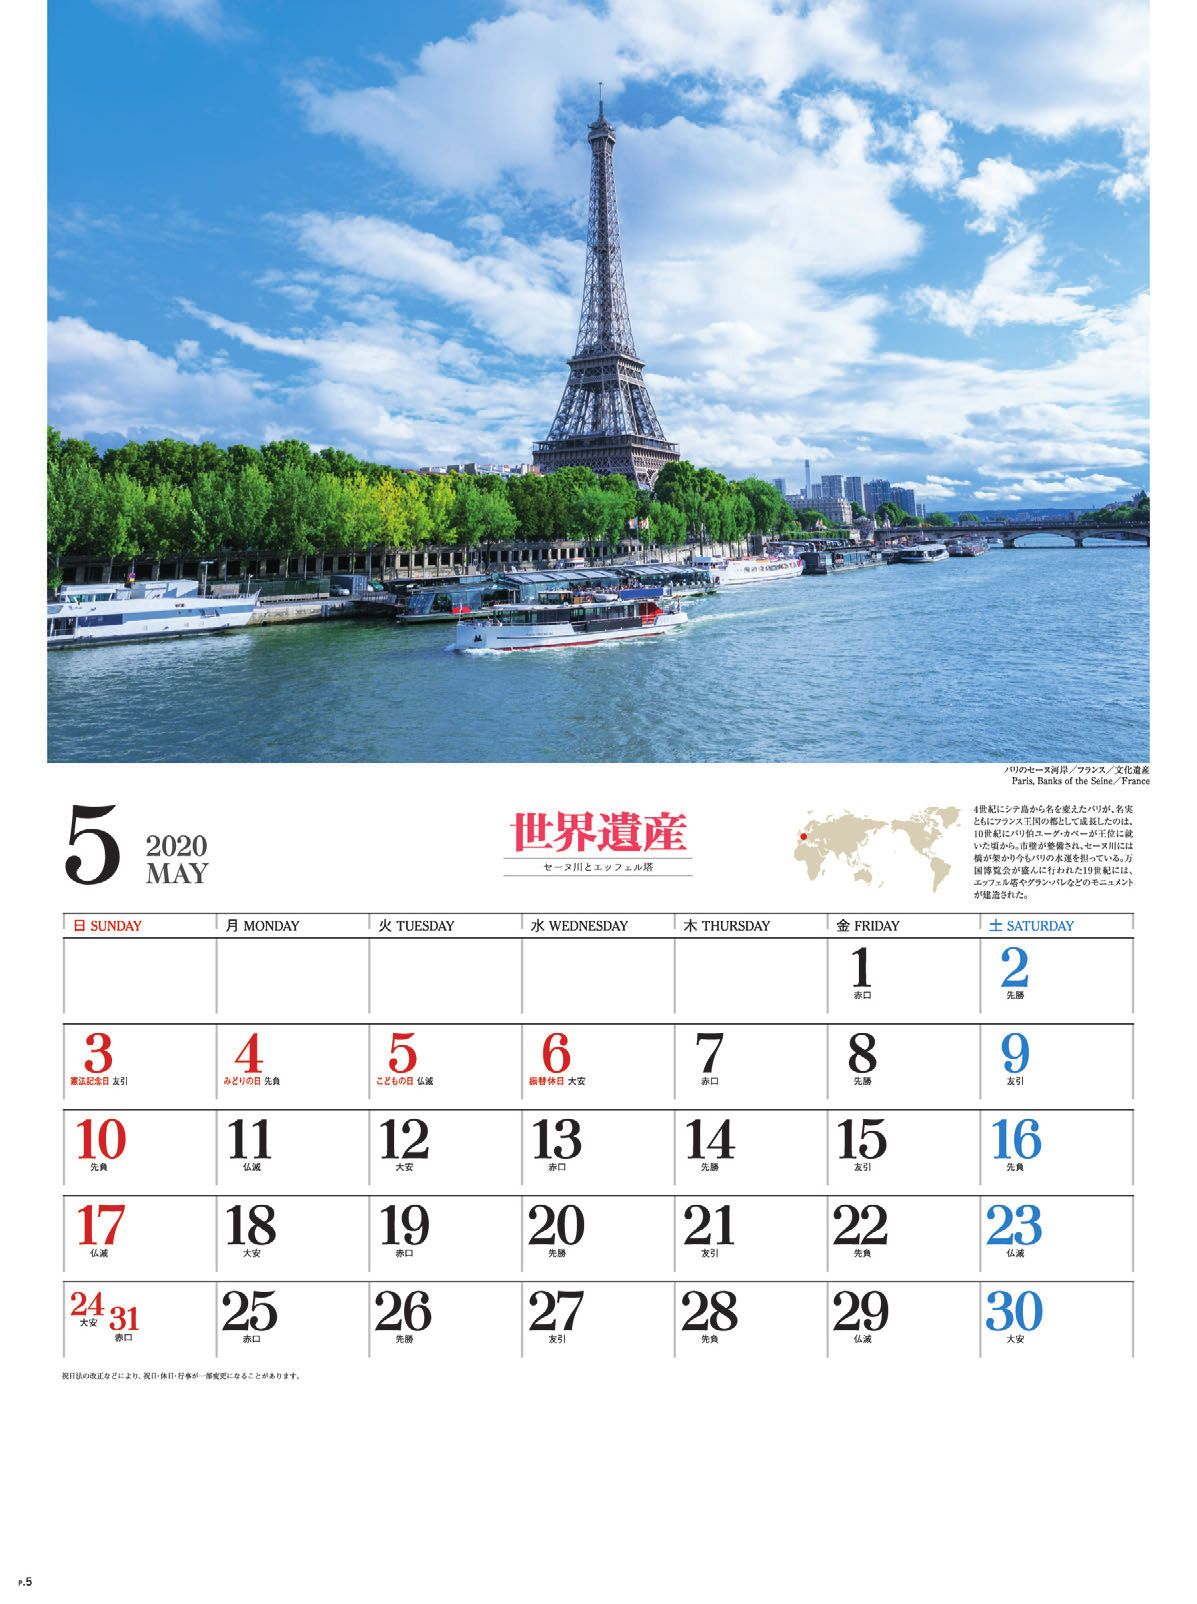 画像:セーヌ川とエッフェル塔(フランス) ユネスコ世界遺産 2020年カレンダー